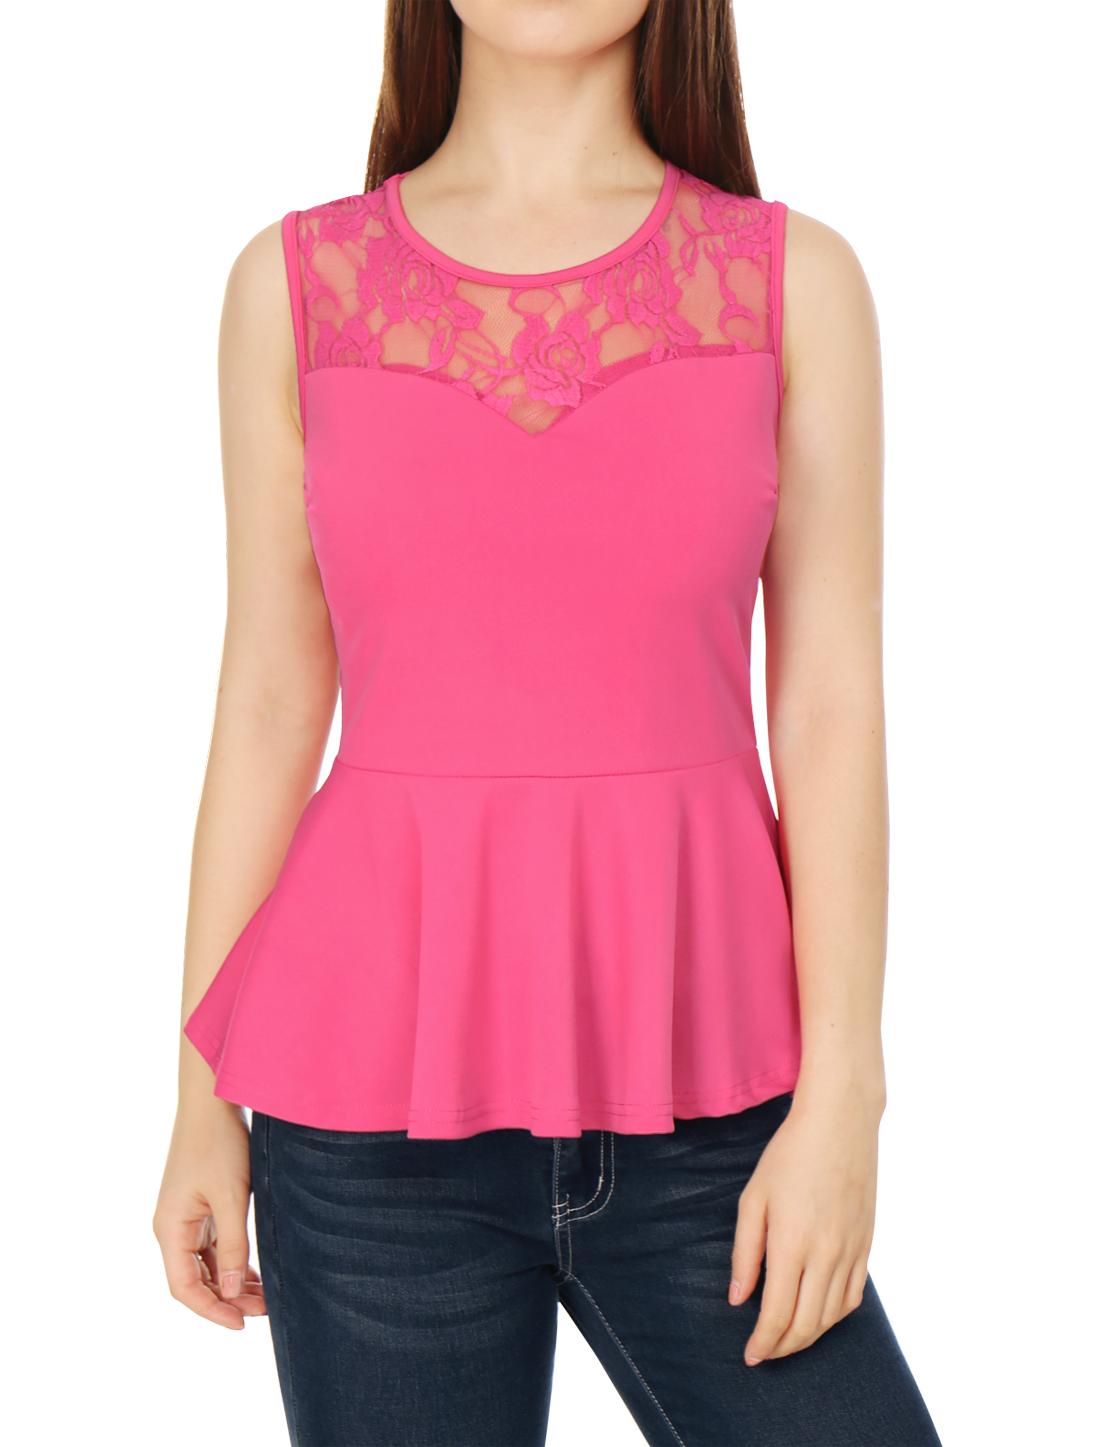 Women Round Neck Lace-Paneled Sleeveless Peplum Top Pink L